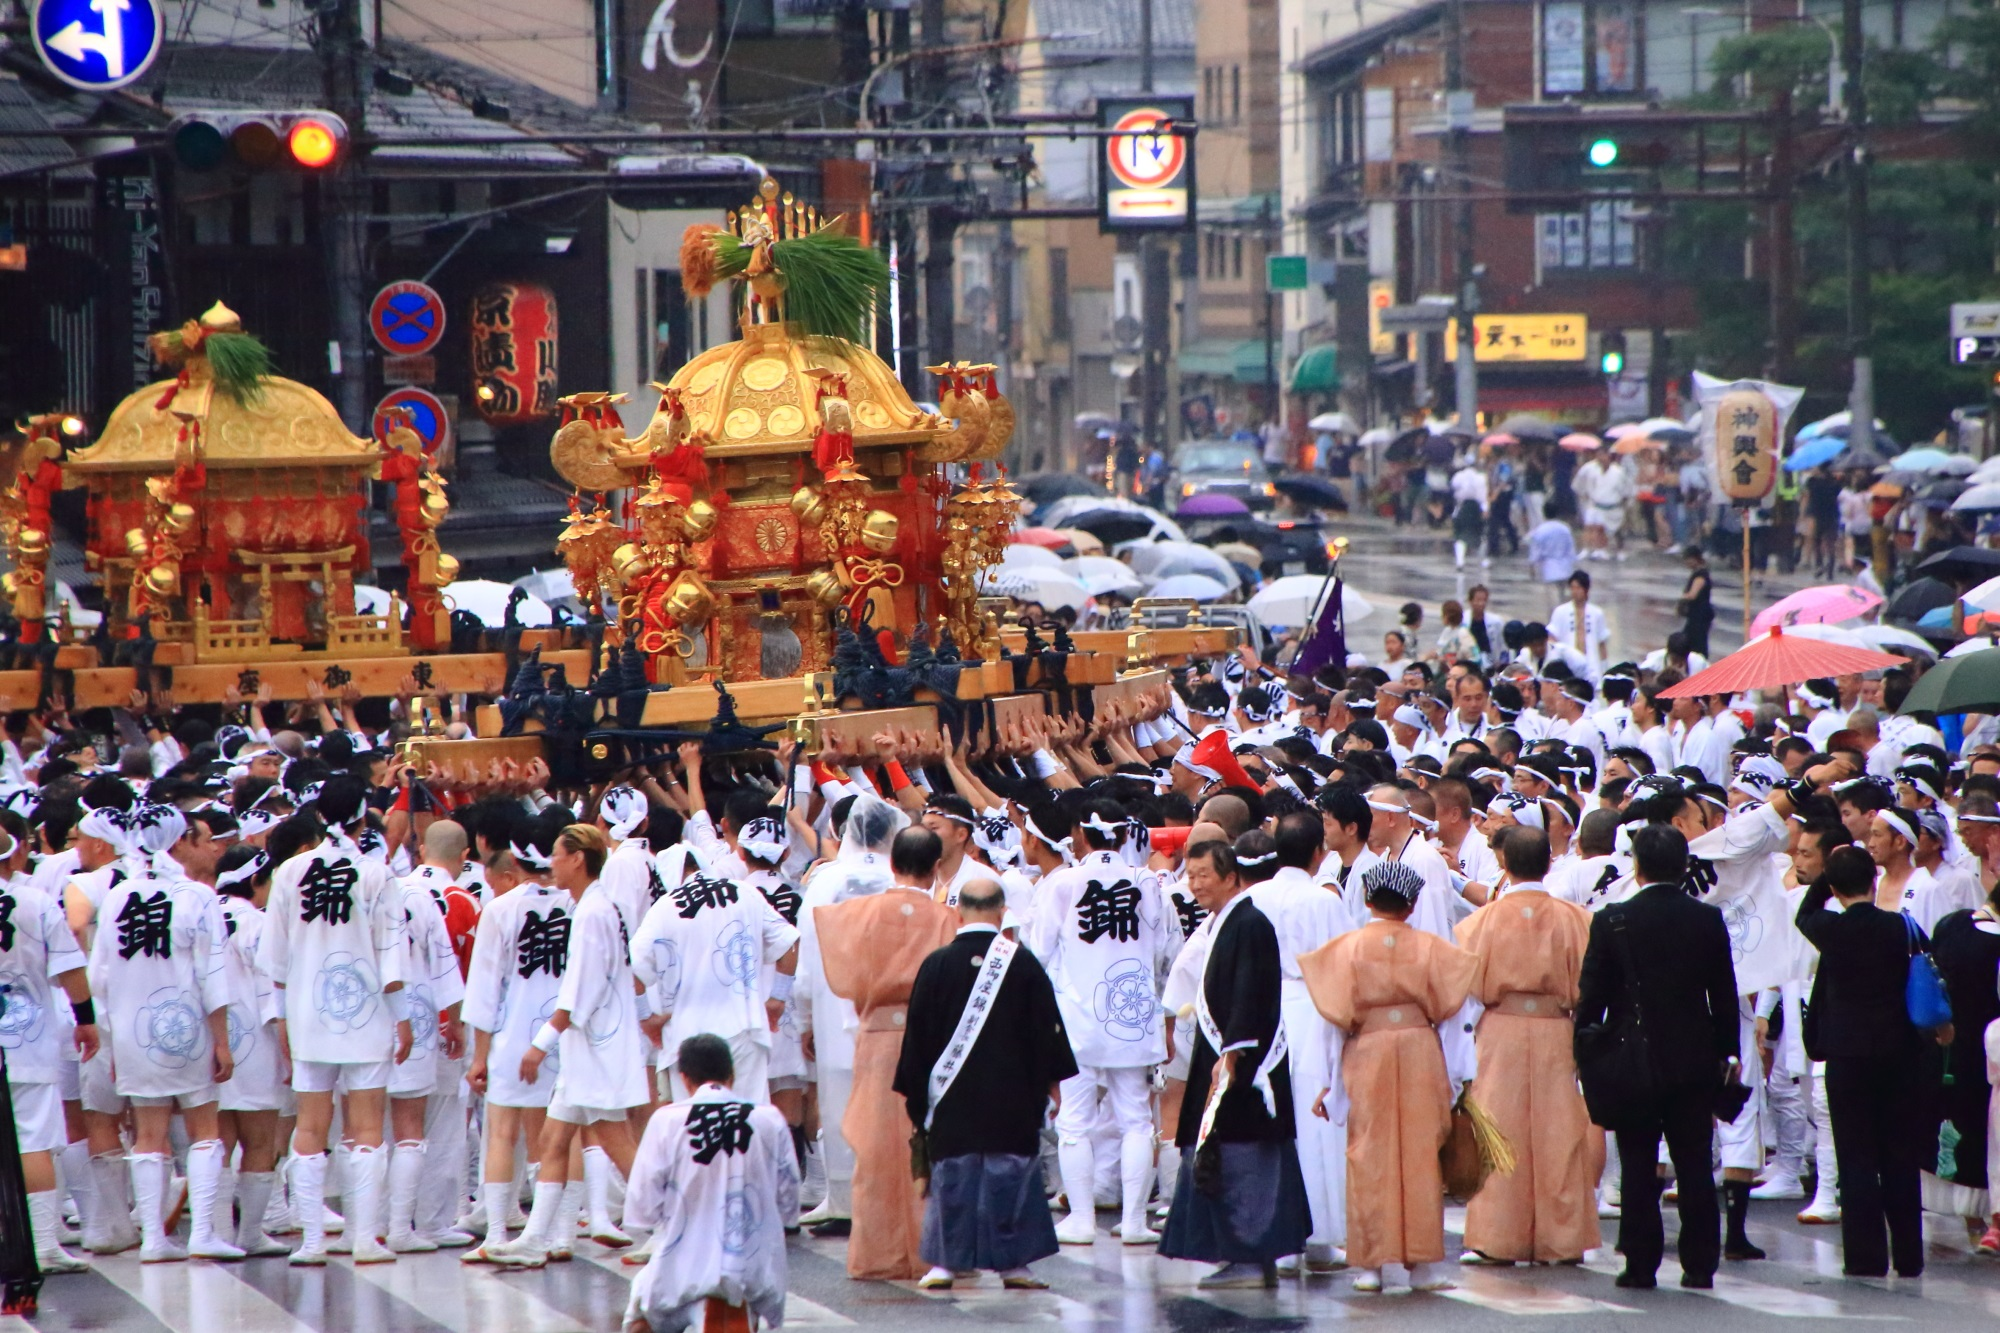 神幸祭 写真 高画質 祇園祭 夏